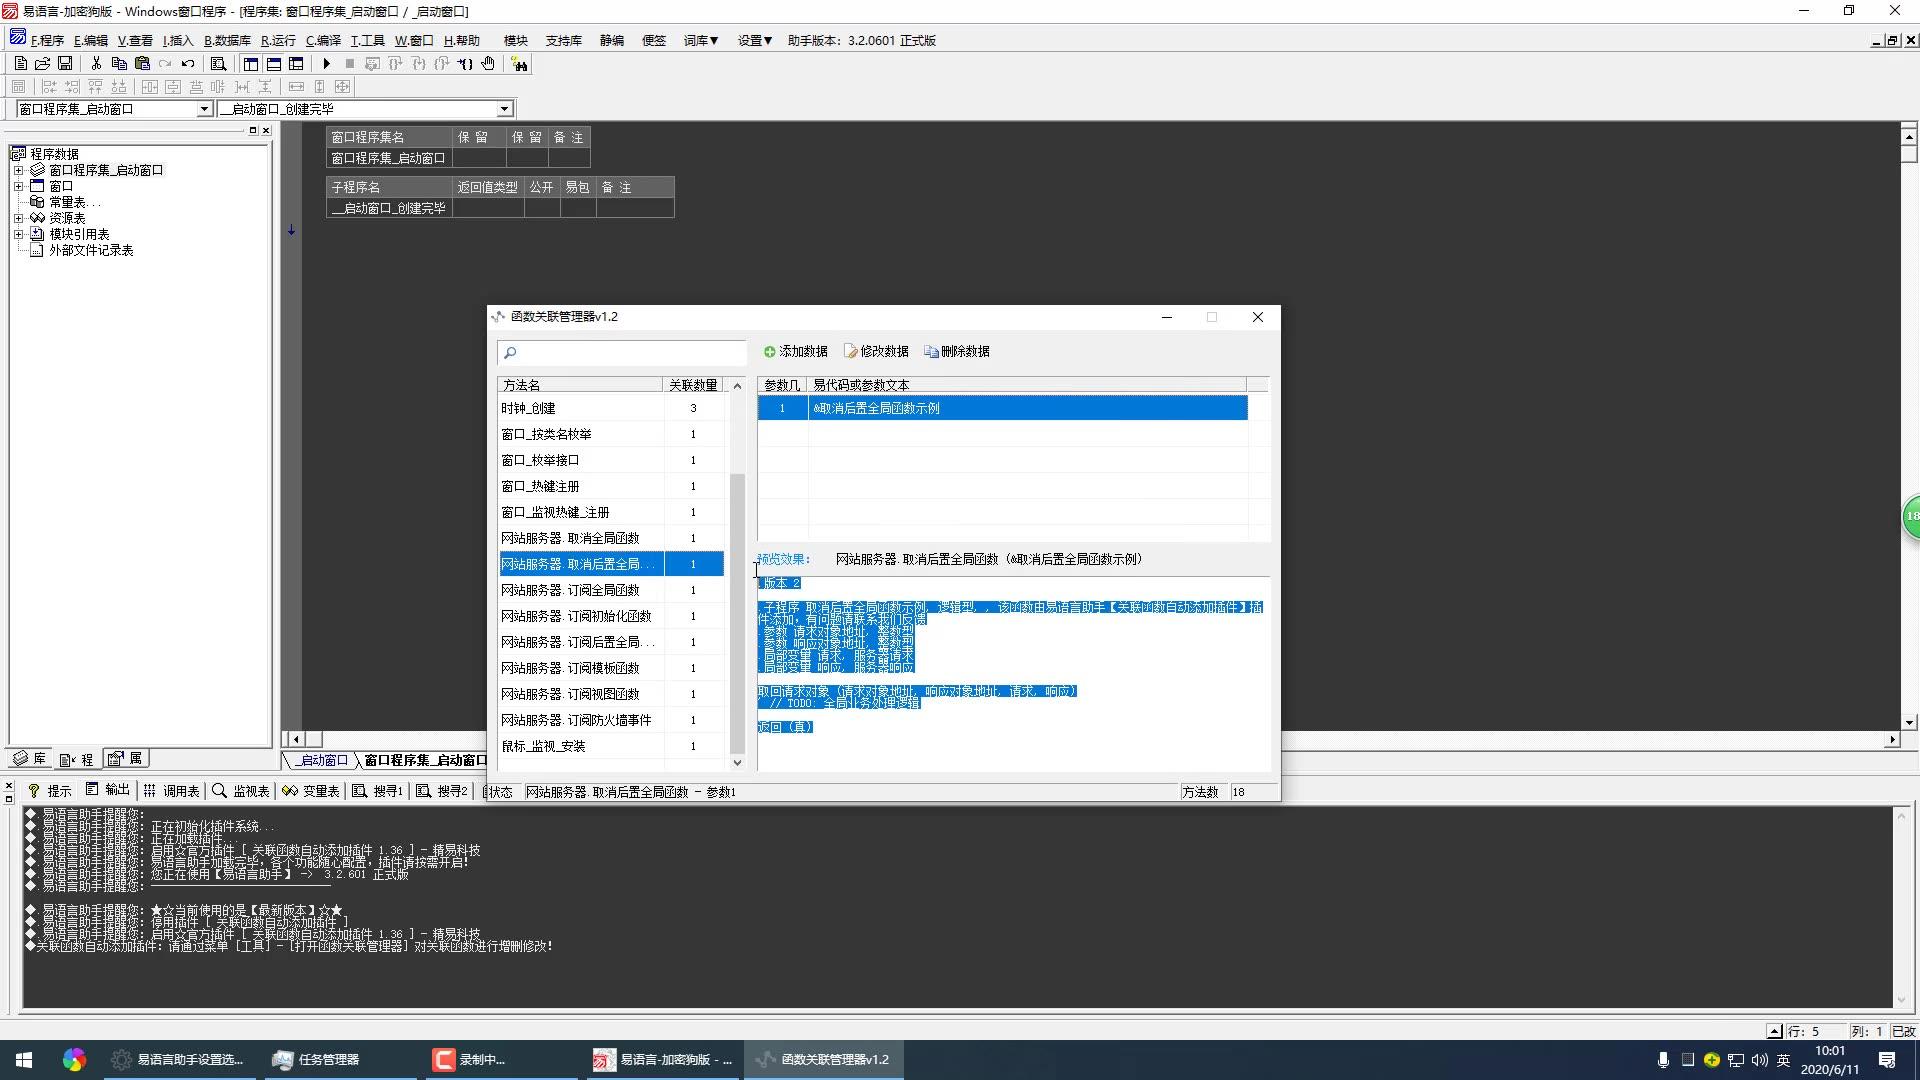 关联函数自动添加插件